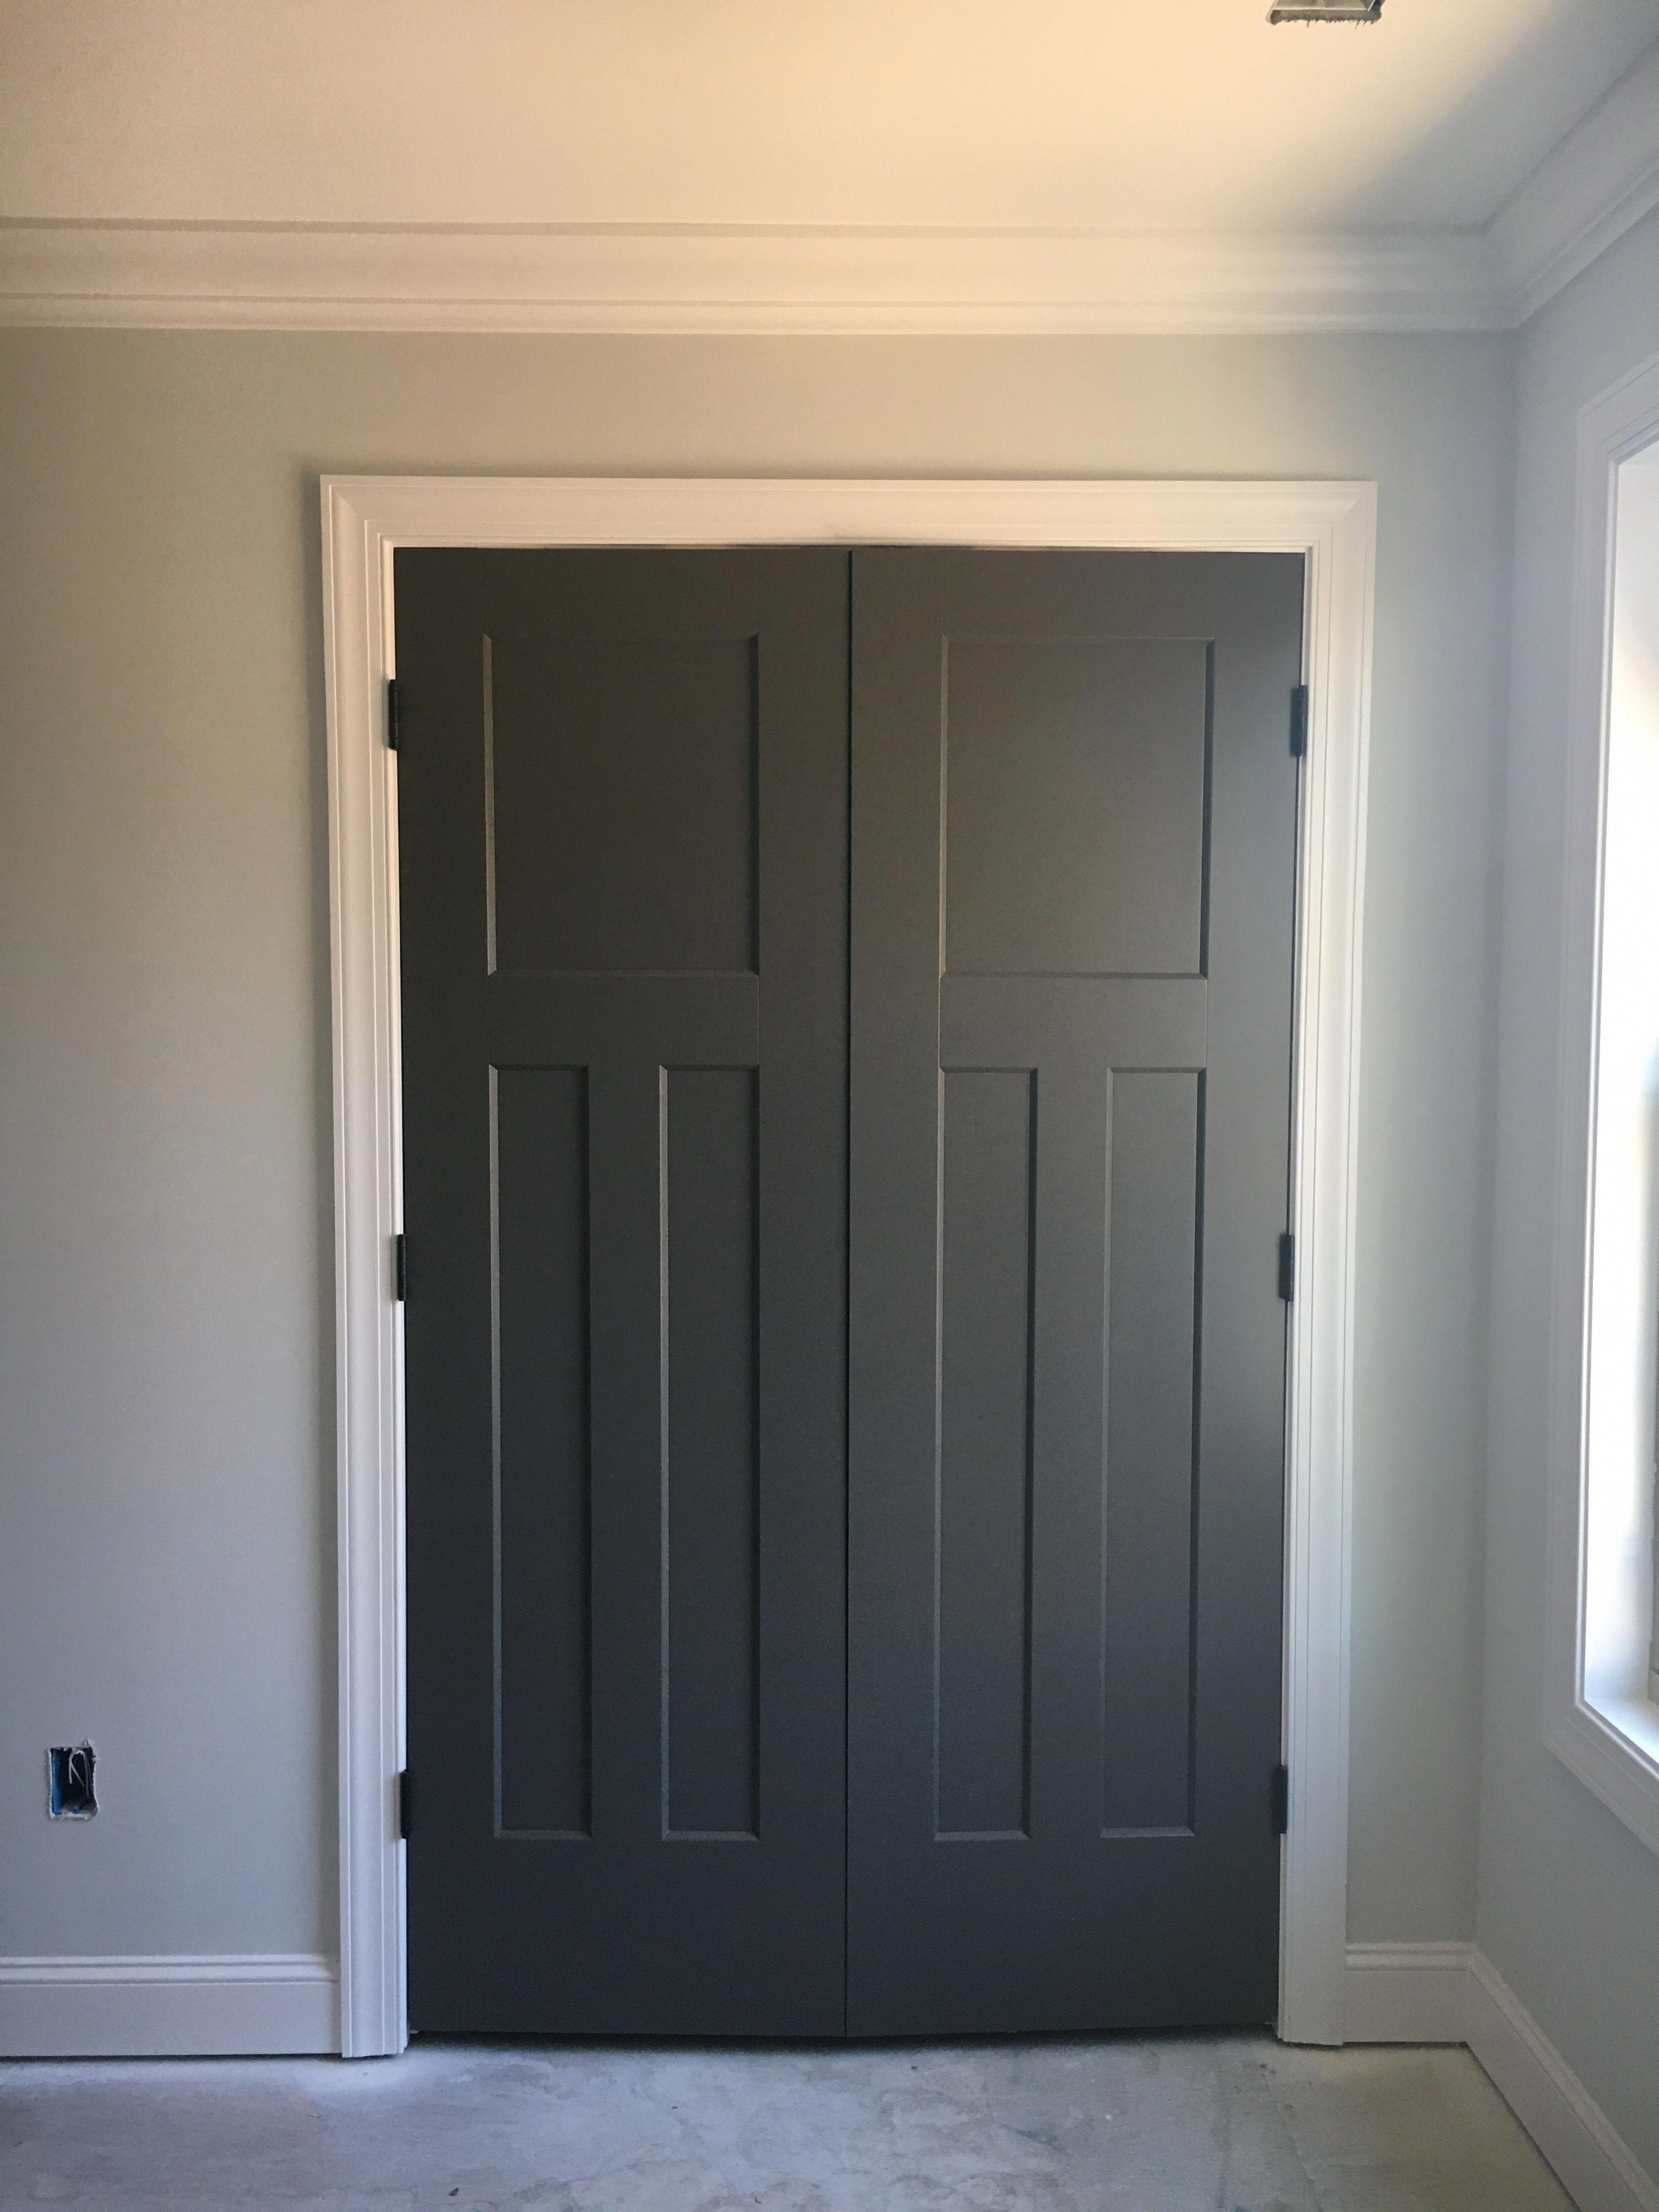 bm kendall charcoal doors bm gray owl walls sw snowbound on benjamin moore paint code lookup id=82963